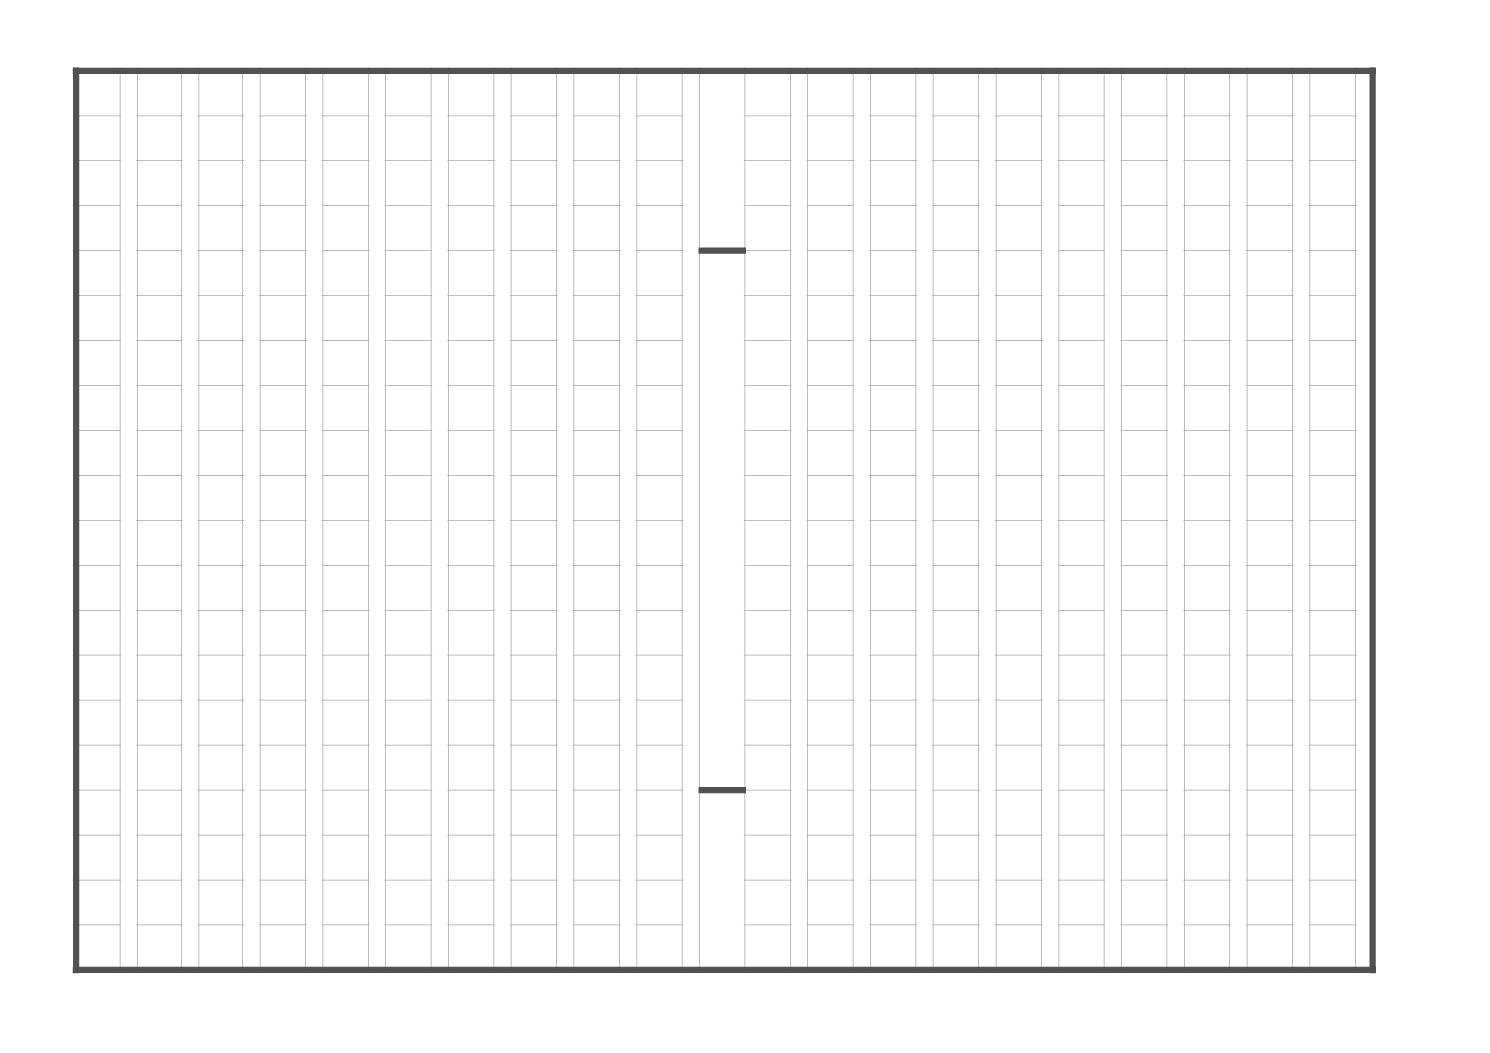 原稿用紙(作文用紙)のテンプレート(エクセル・ナンバーズ)ベーシックブラックA4横